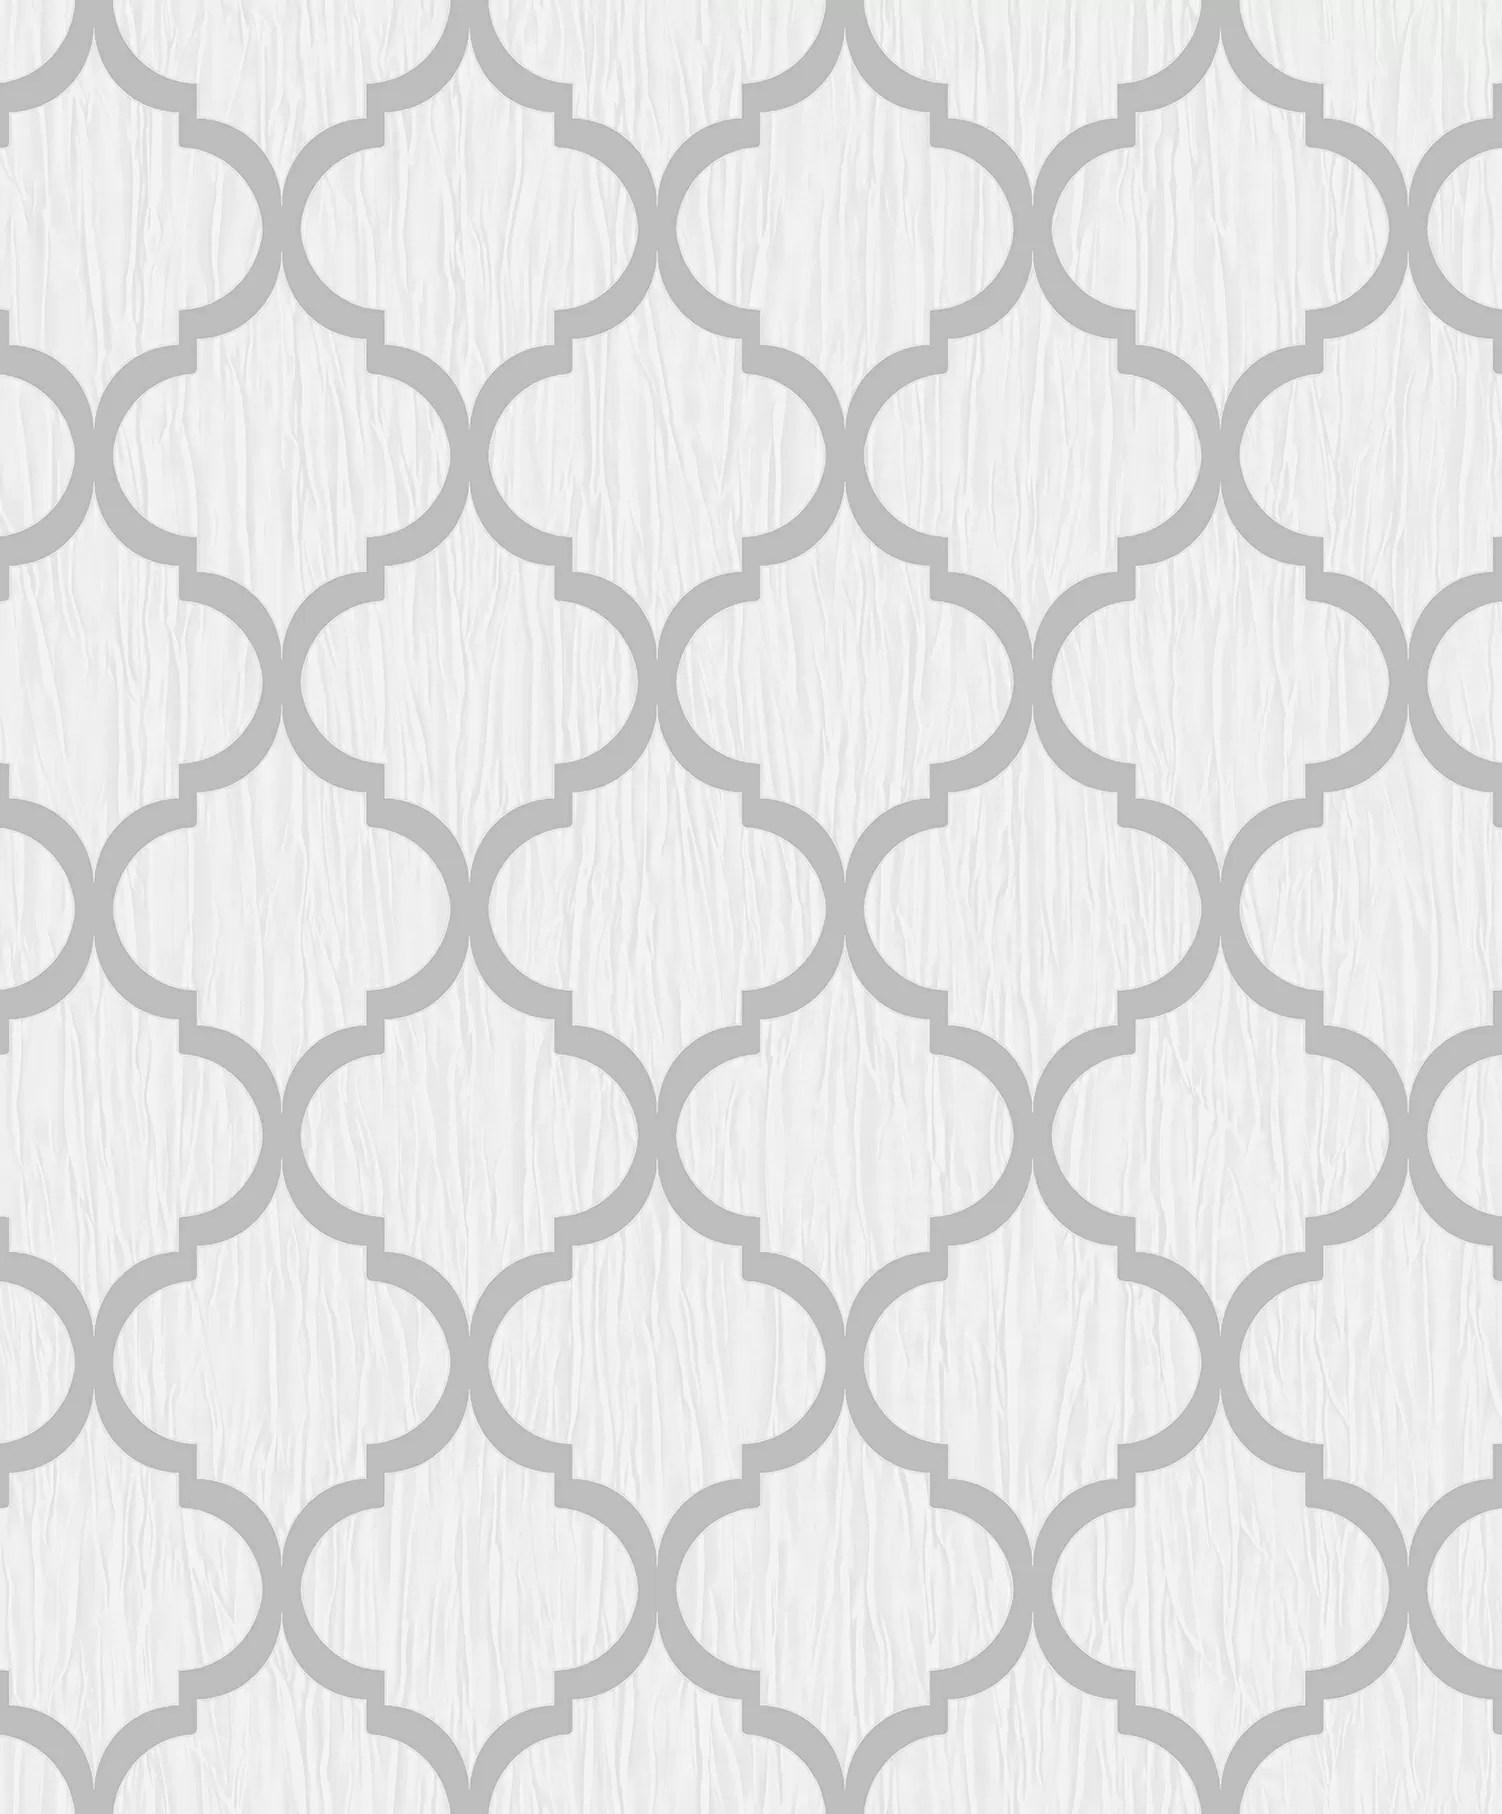 Debona Crystal Trellis White Silver